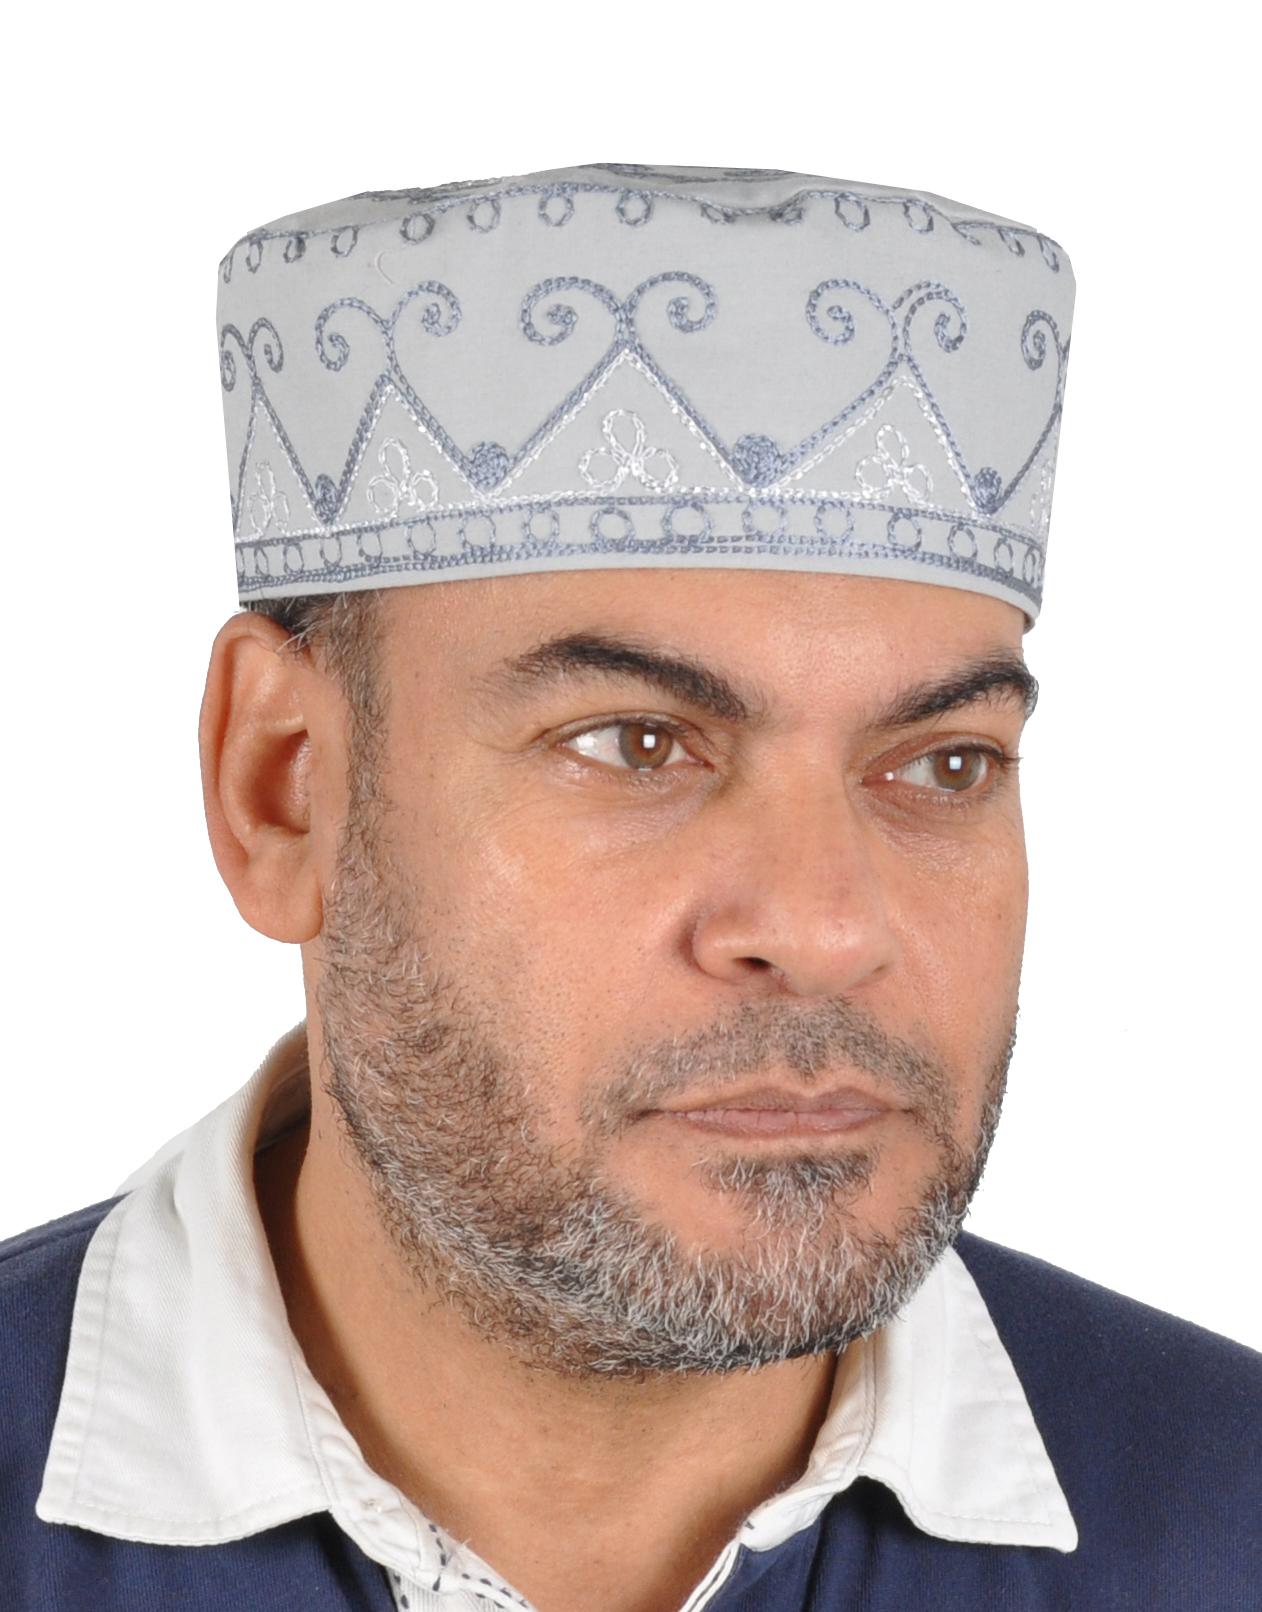 Orientalische Kopfbedeckung Für Männer Fes Kopfbedeckung 2019 02 01